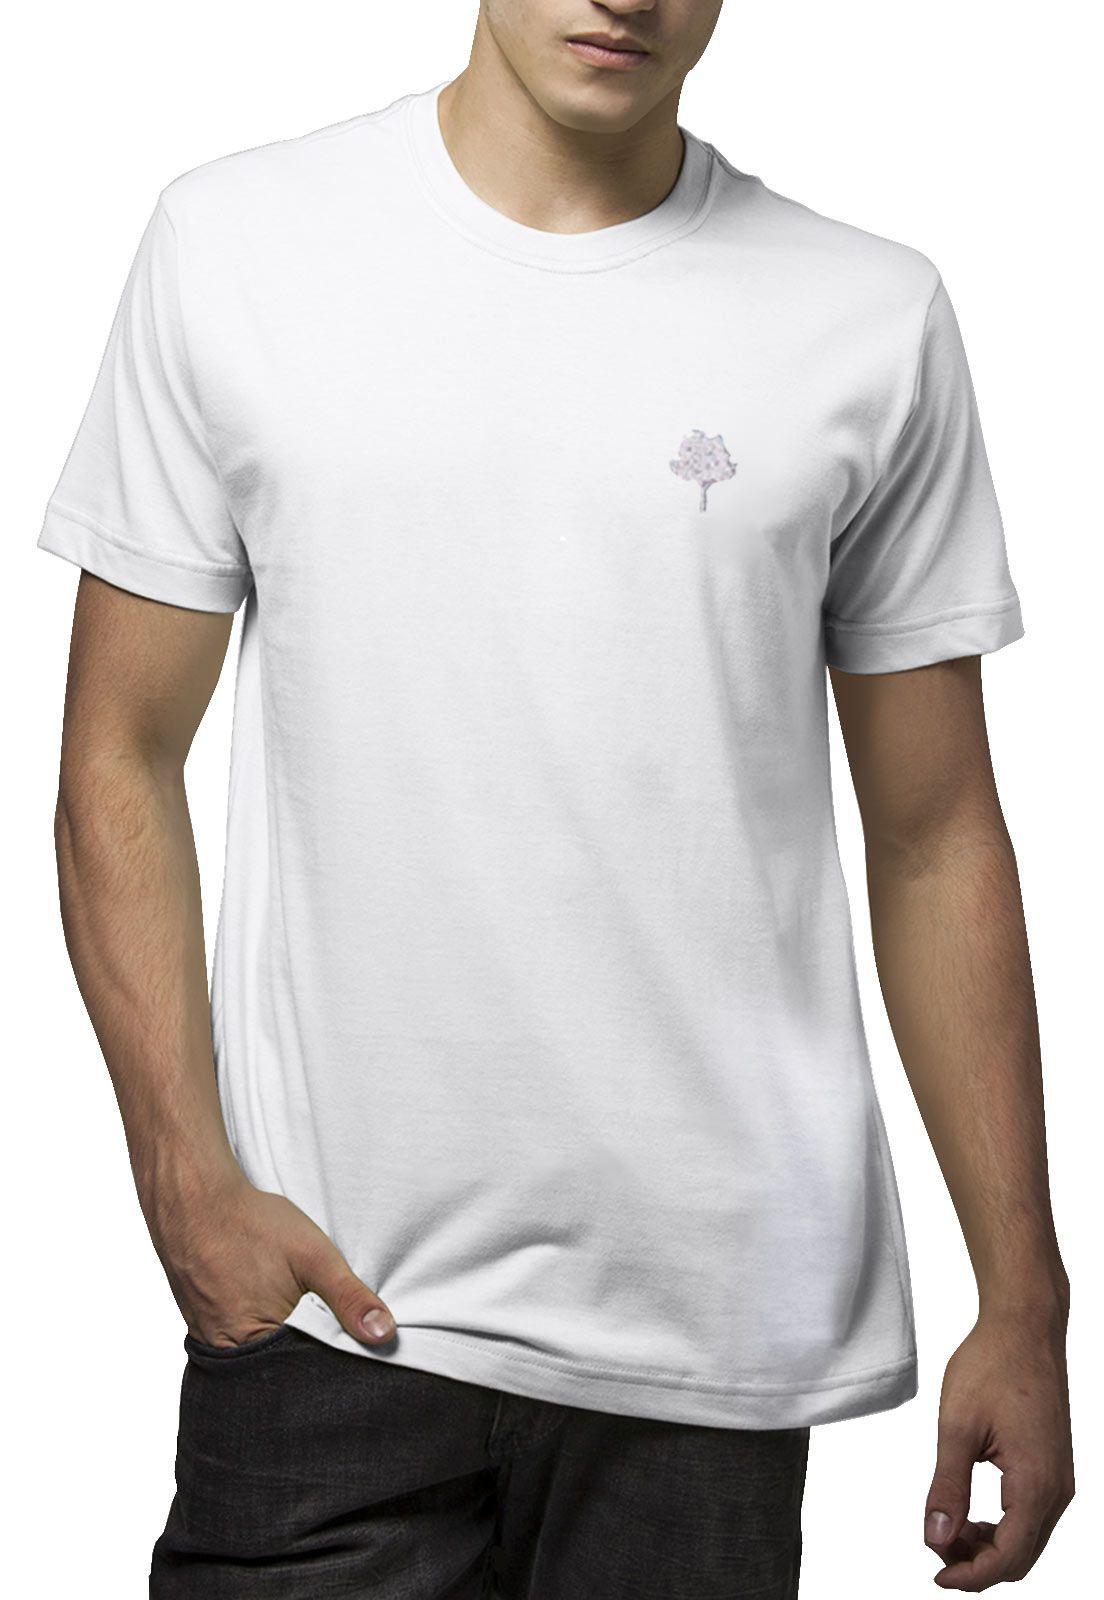 Camiseta Amazônia Perfeição Arara - Branco